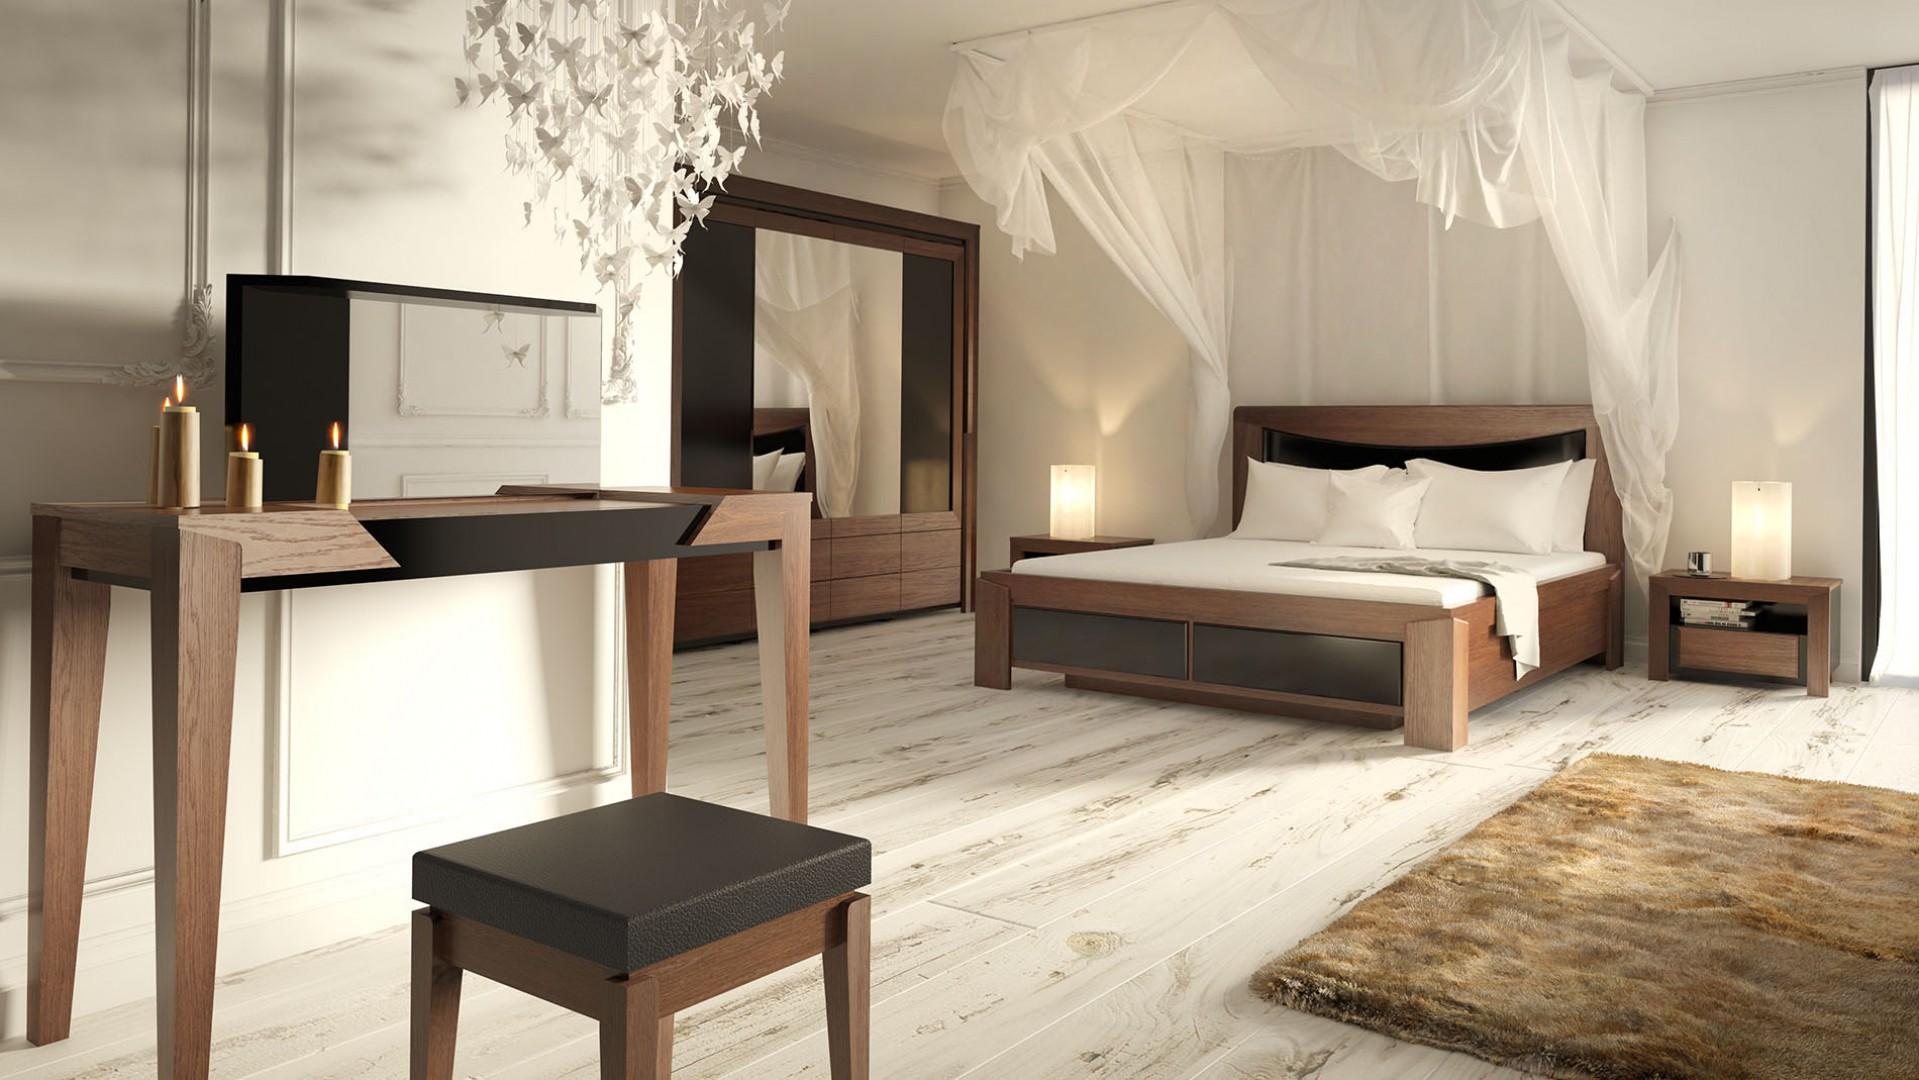 Wybieramy Meble Sypialnia W Kolorach Ciemnego Drewna Wnetrze